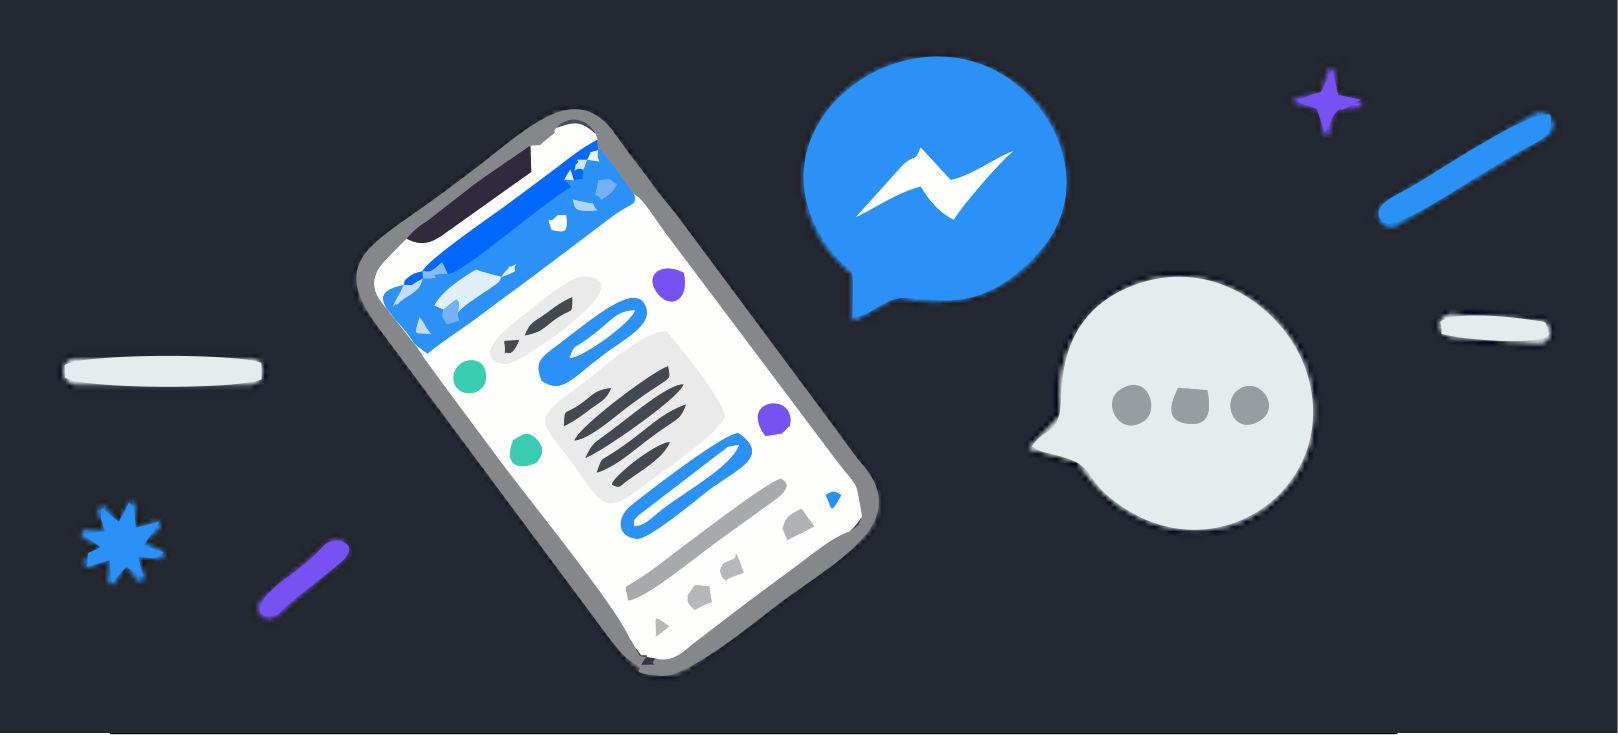 Facebook Messenger: arriva la possibilità di citare i messaggi thumbnail